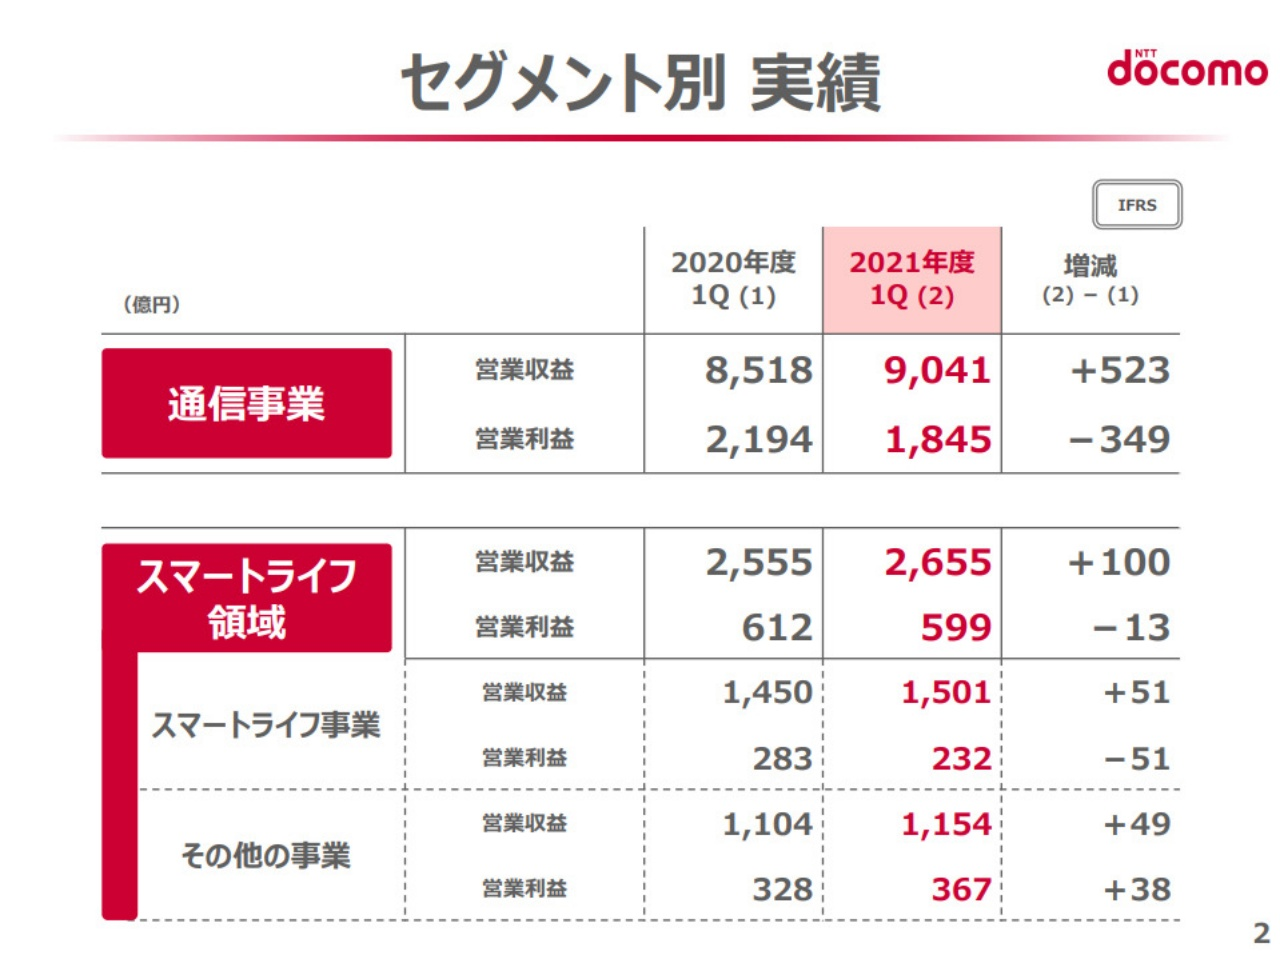 Masahiro Sano financial results briefing